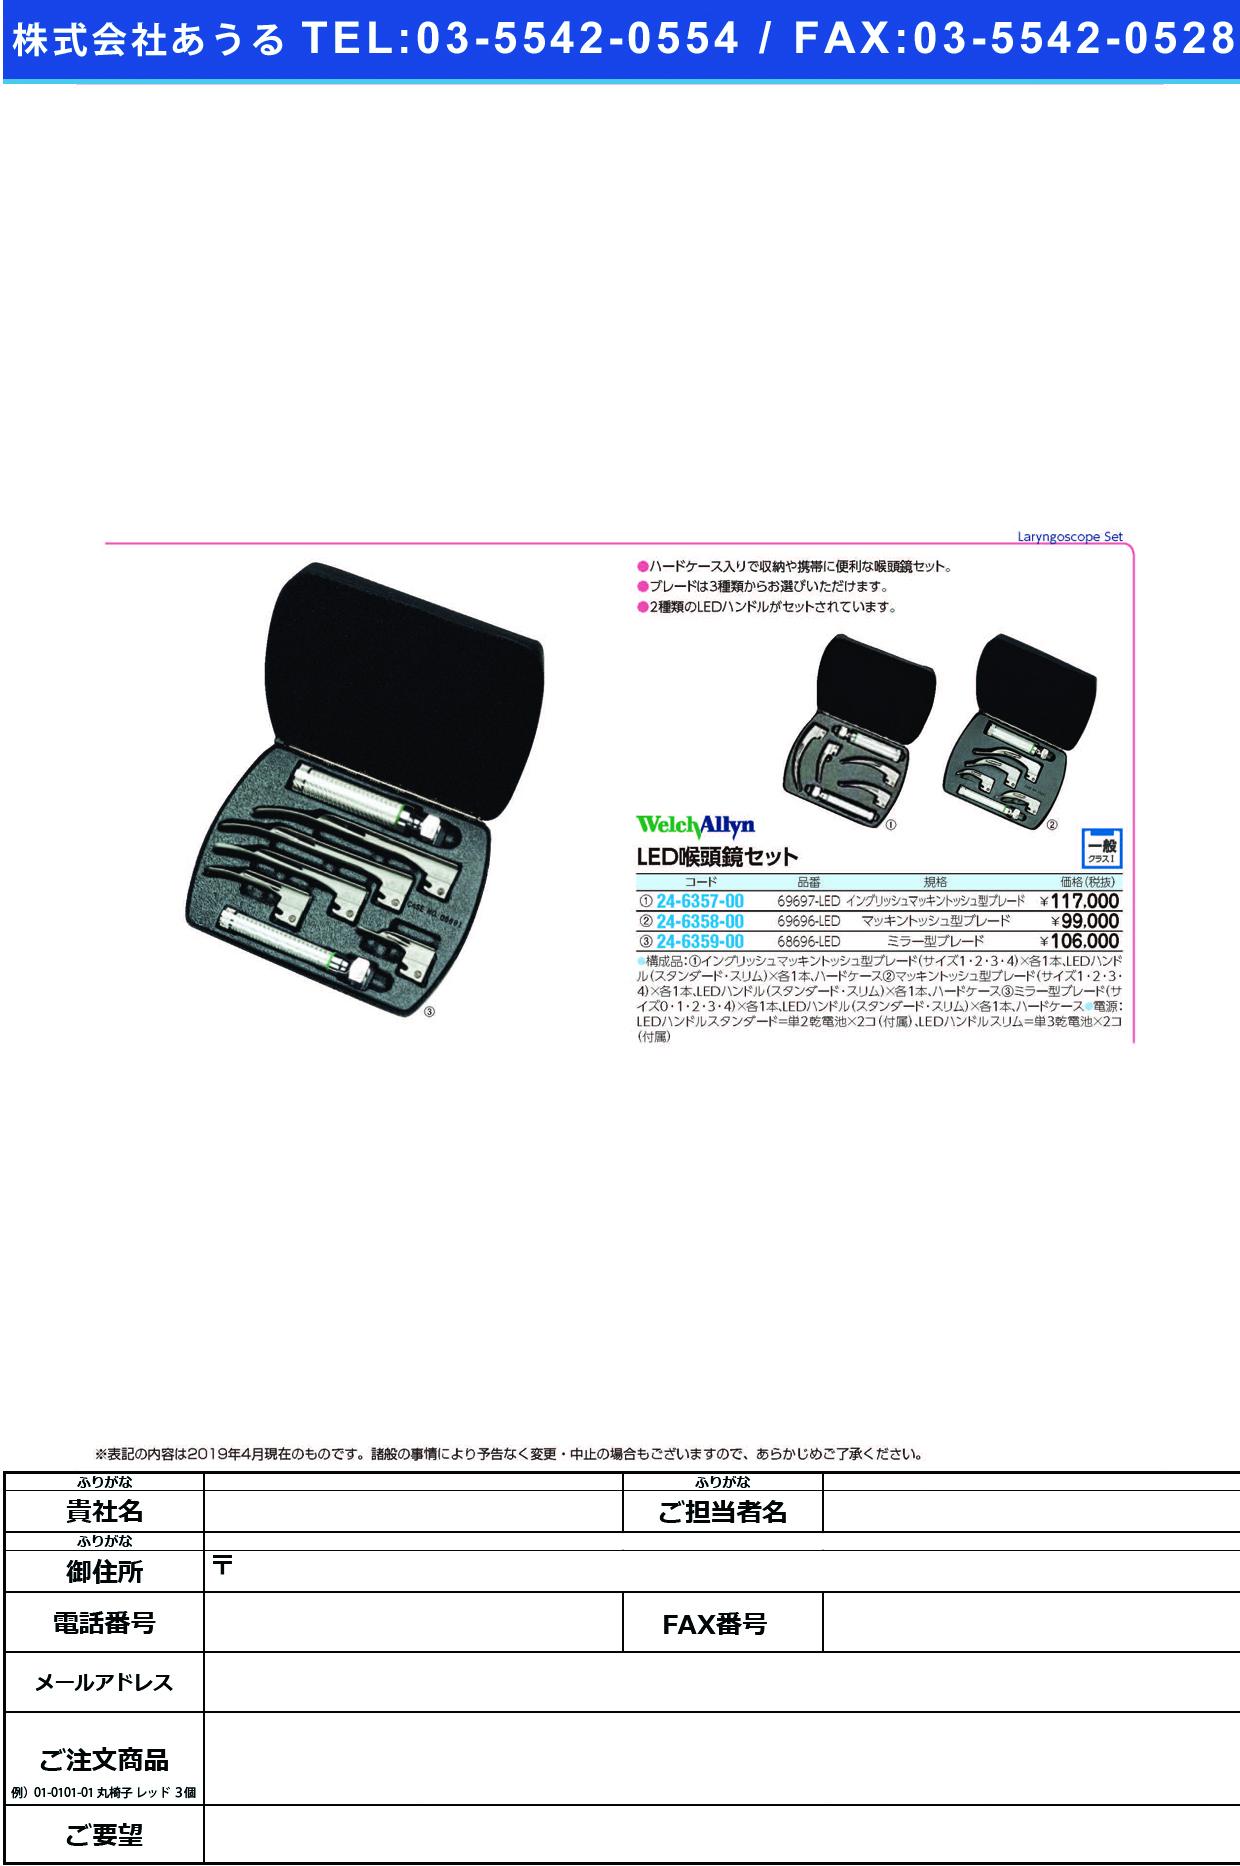 (24-6359-00)WA喉頭鏡セット(ミラー) 68696-LED WAコウトウキョウセット(ミラー)【1組単位】【2019年カタログ商品】